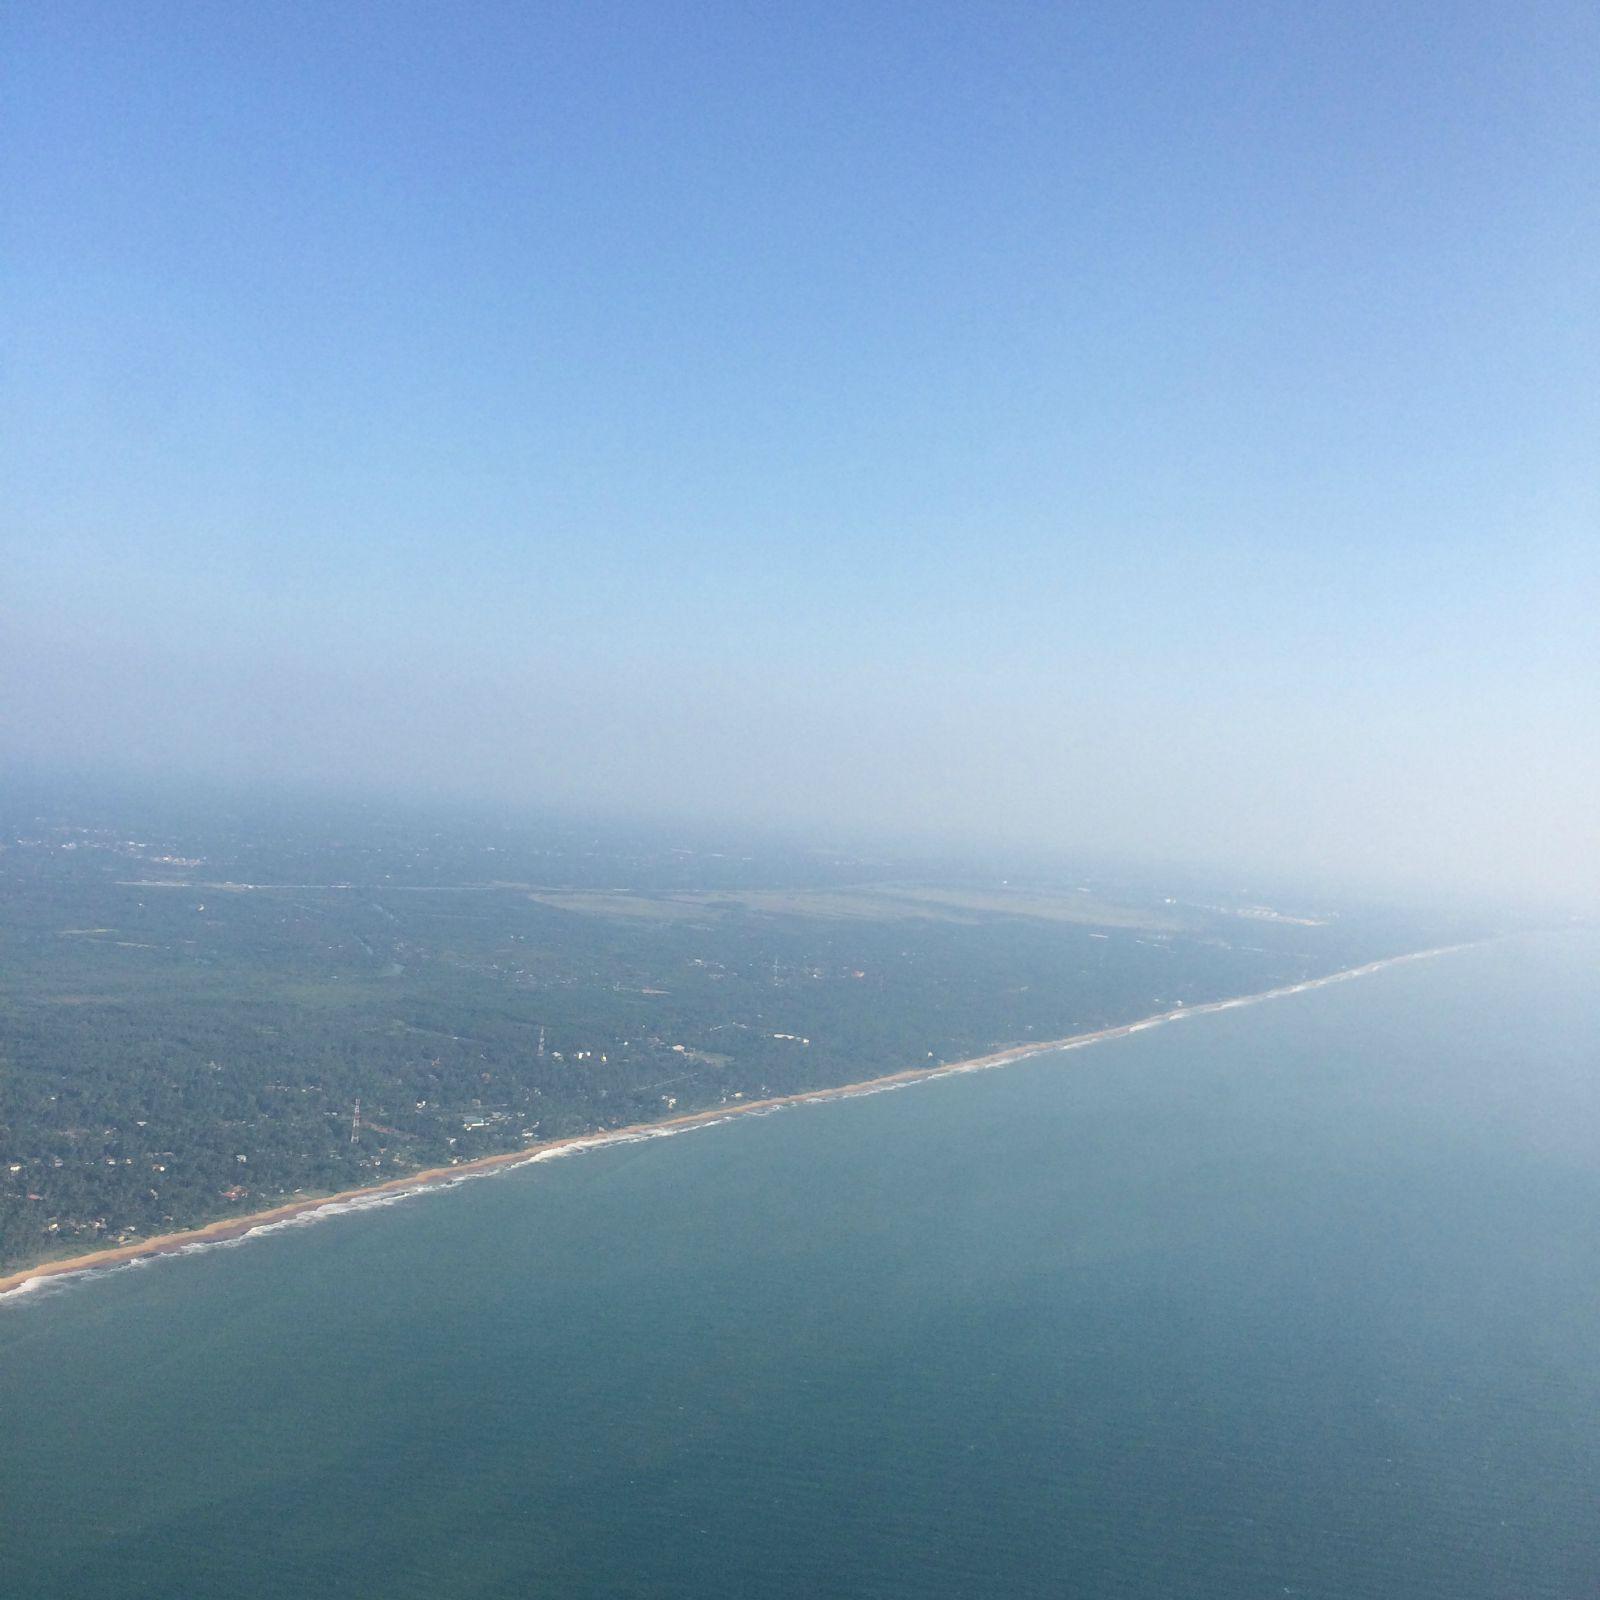 斯里兰卡航空飞机上